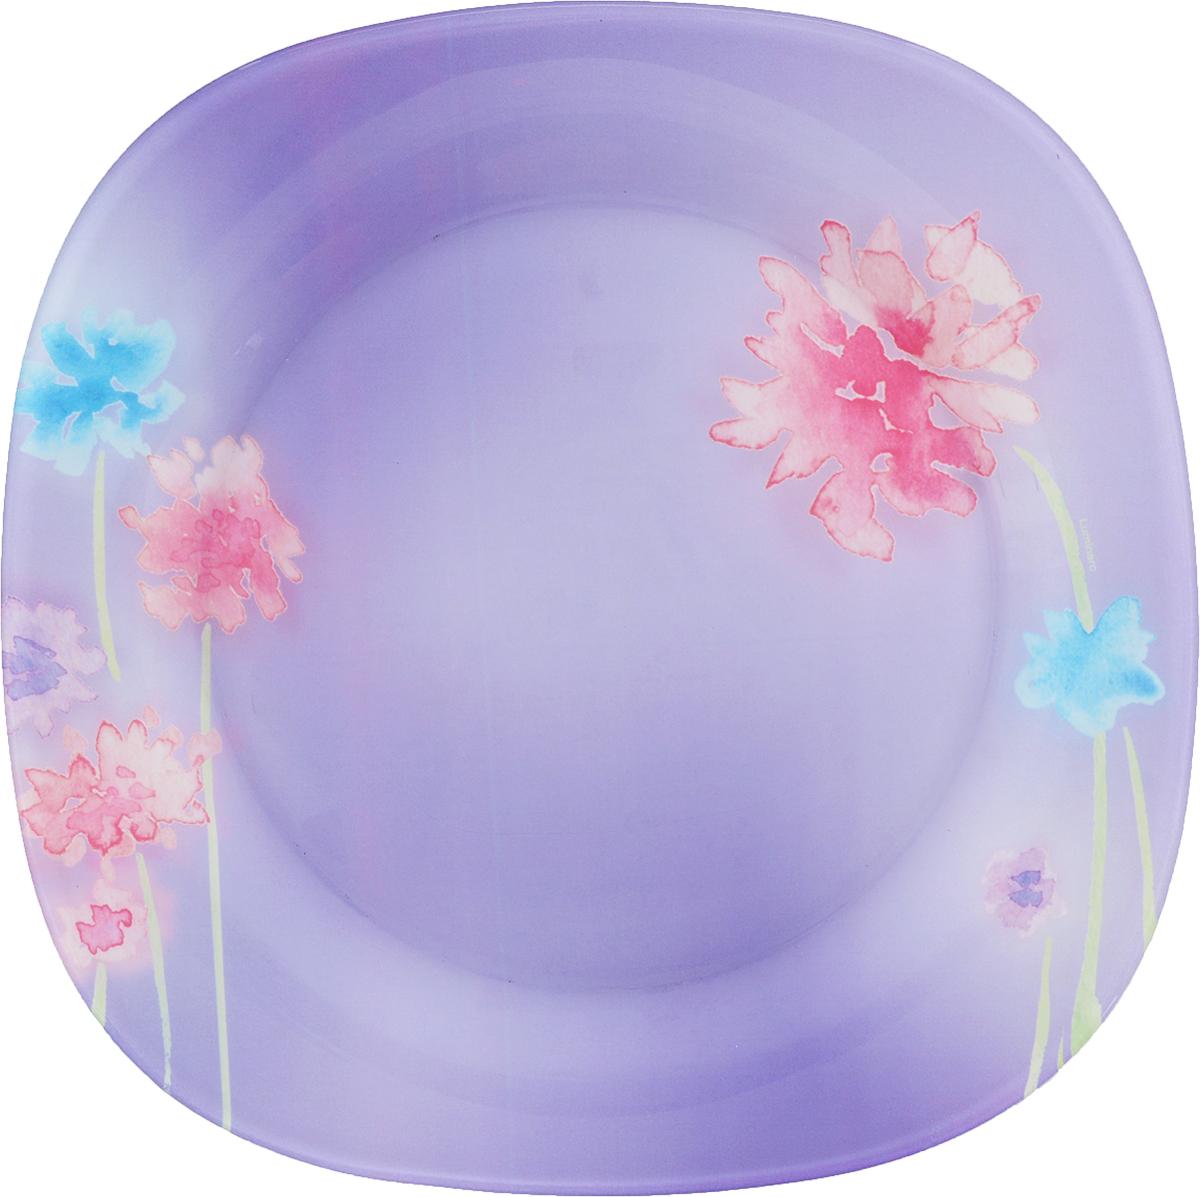 Тарелка обеденная Luminarc Angel Purple, 25 х 25 смJ1753Обеденная тарелка Luminarc Angel Purple изготовлена из высококачественного стекла. Изделие сочетает в себе изысканный дизайн с максимальной функциональностью. Тарелка прекрасно впишется в интерьер вашей кухни и станет достойным дополнением к кухонному инвентарю. Такое изделие не только украсит ваш кухонный стол и подчеркнет прекрасный вкус хозяйки, но истанет отличным подарком.Размер тарелки: 25 х 25 см.Высота тарелки: 1,5 см.